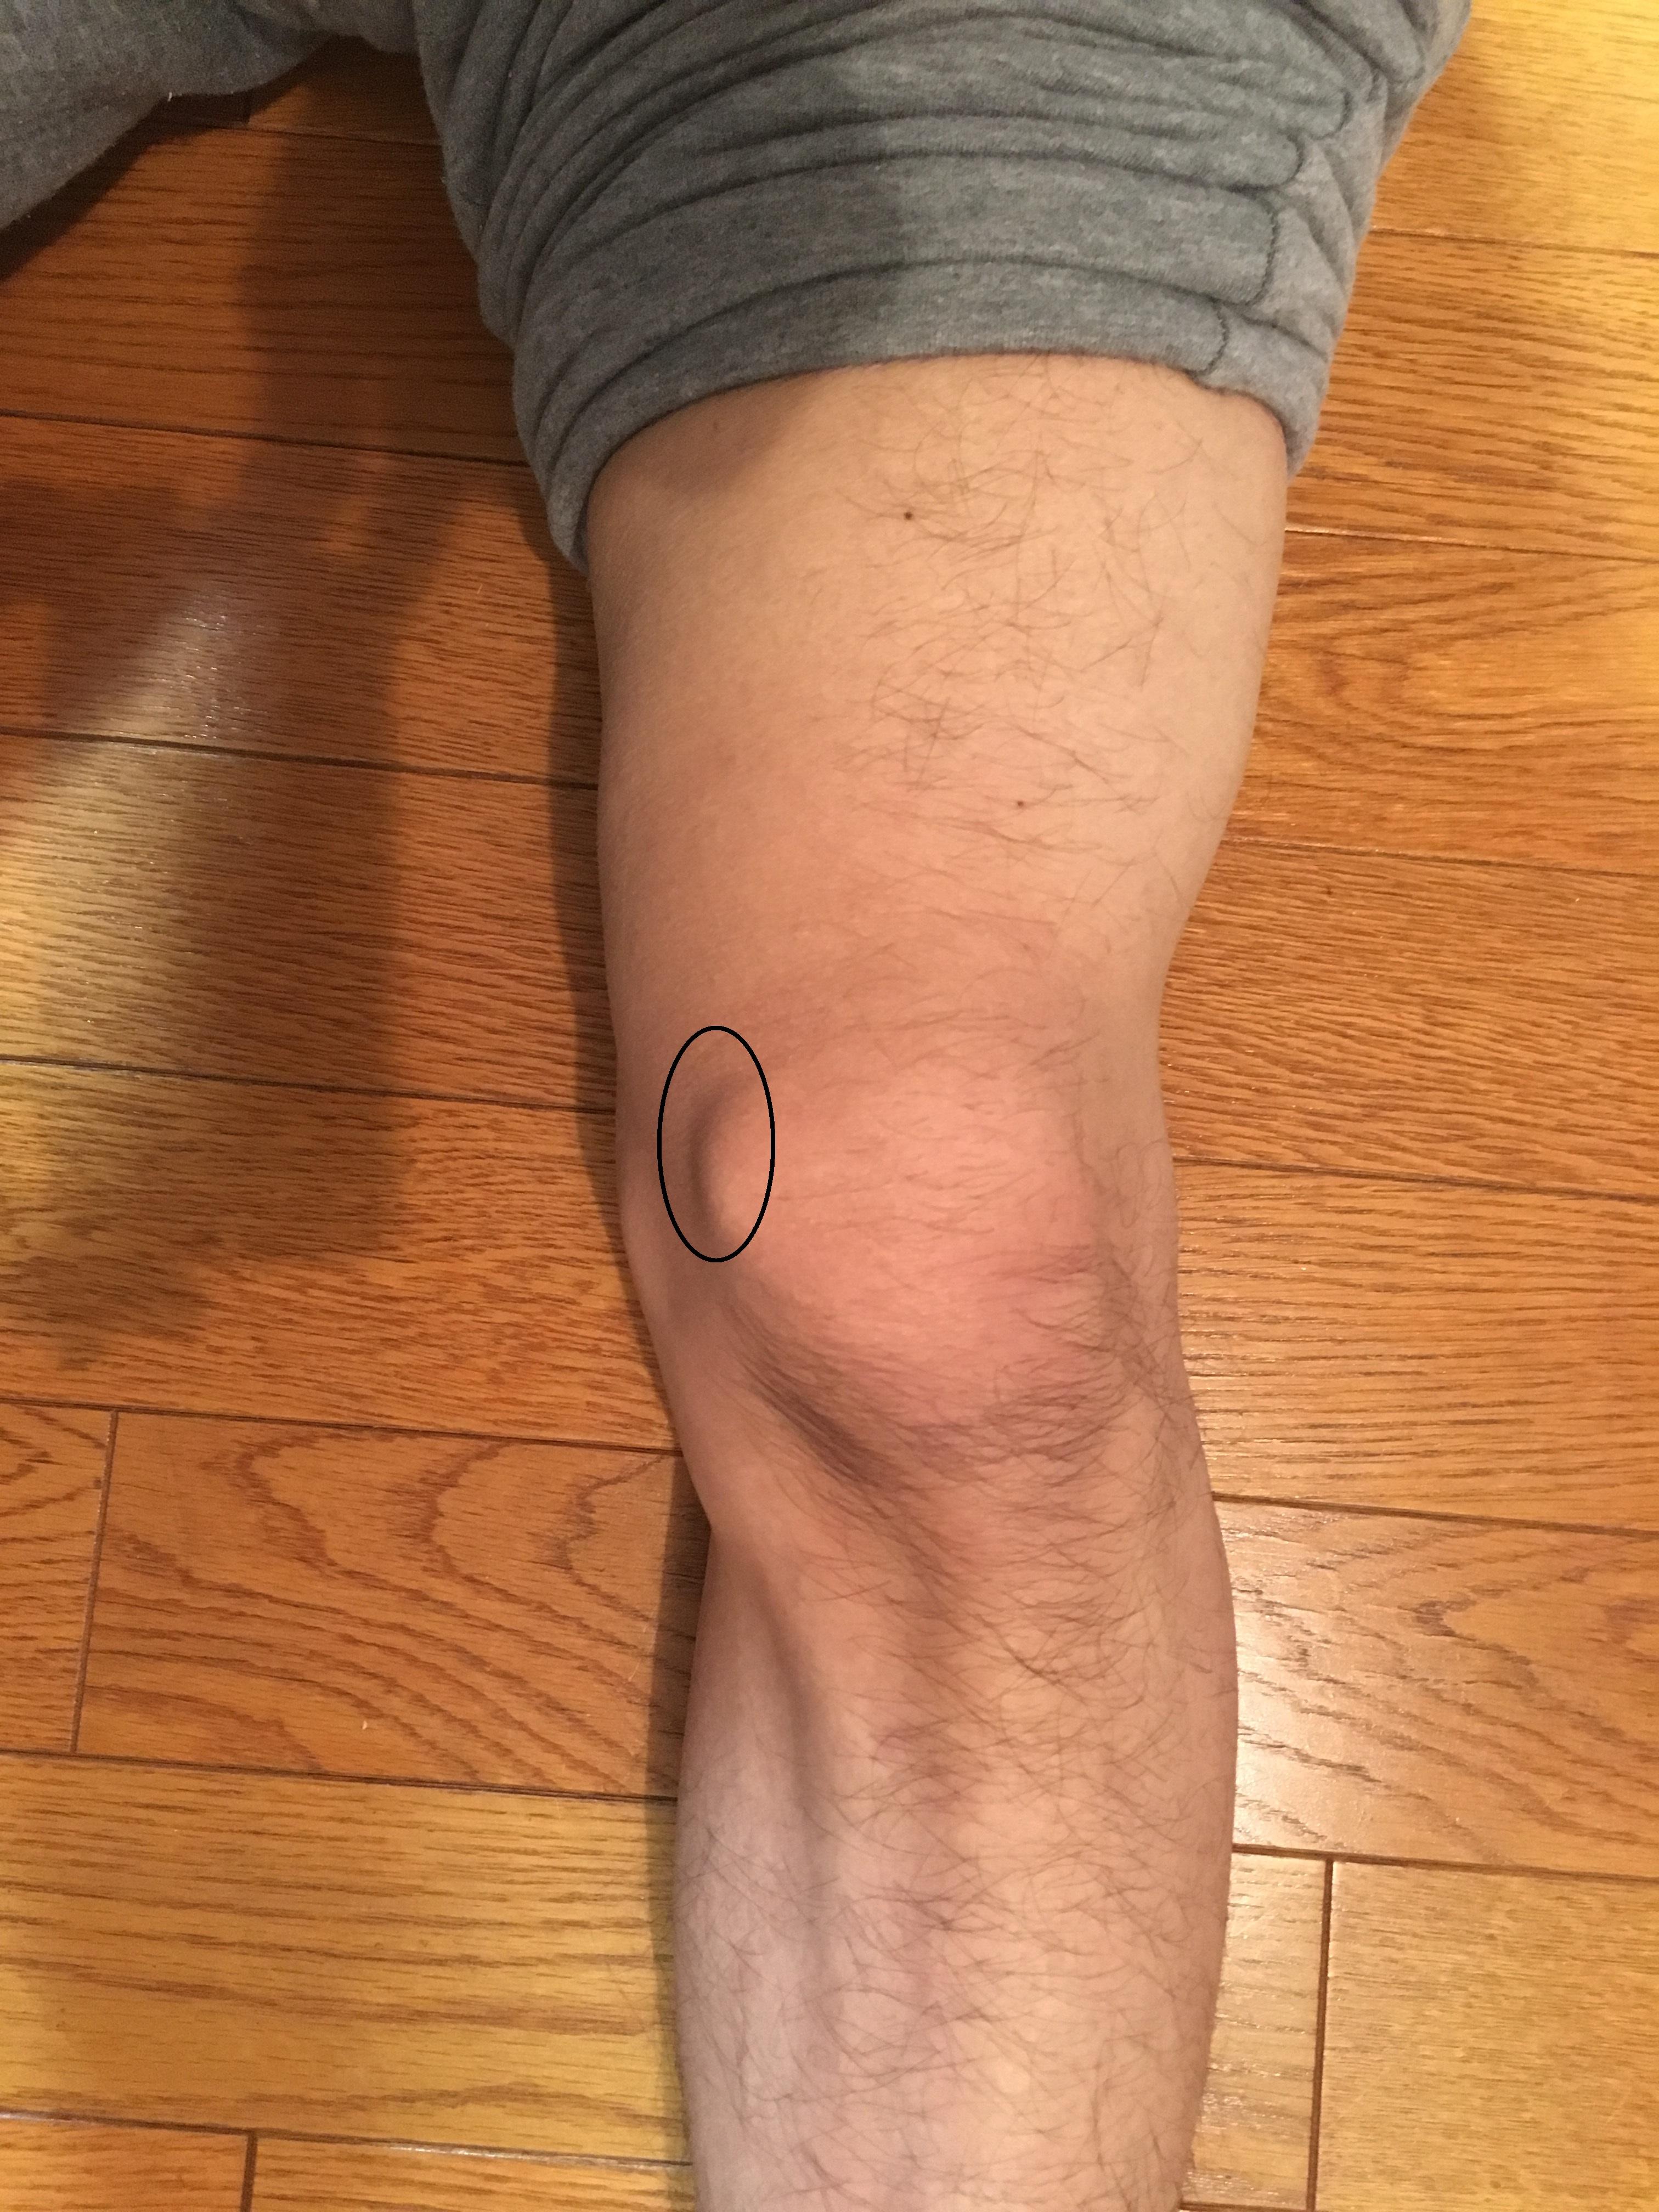 痛い が の 膝 内側